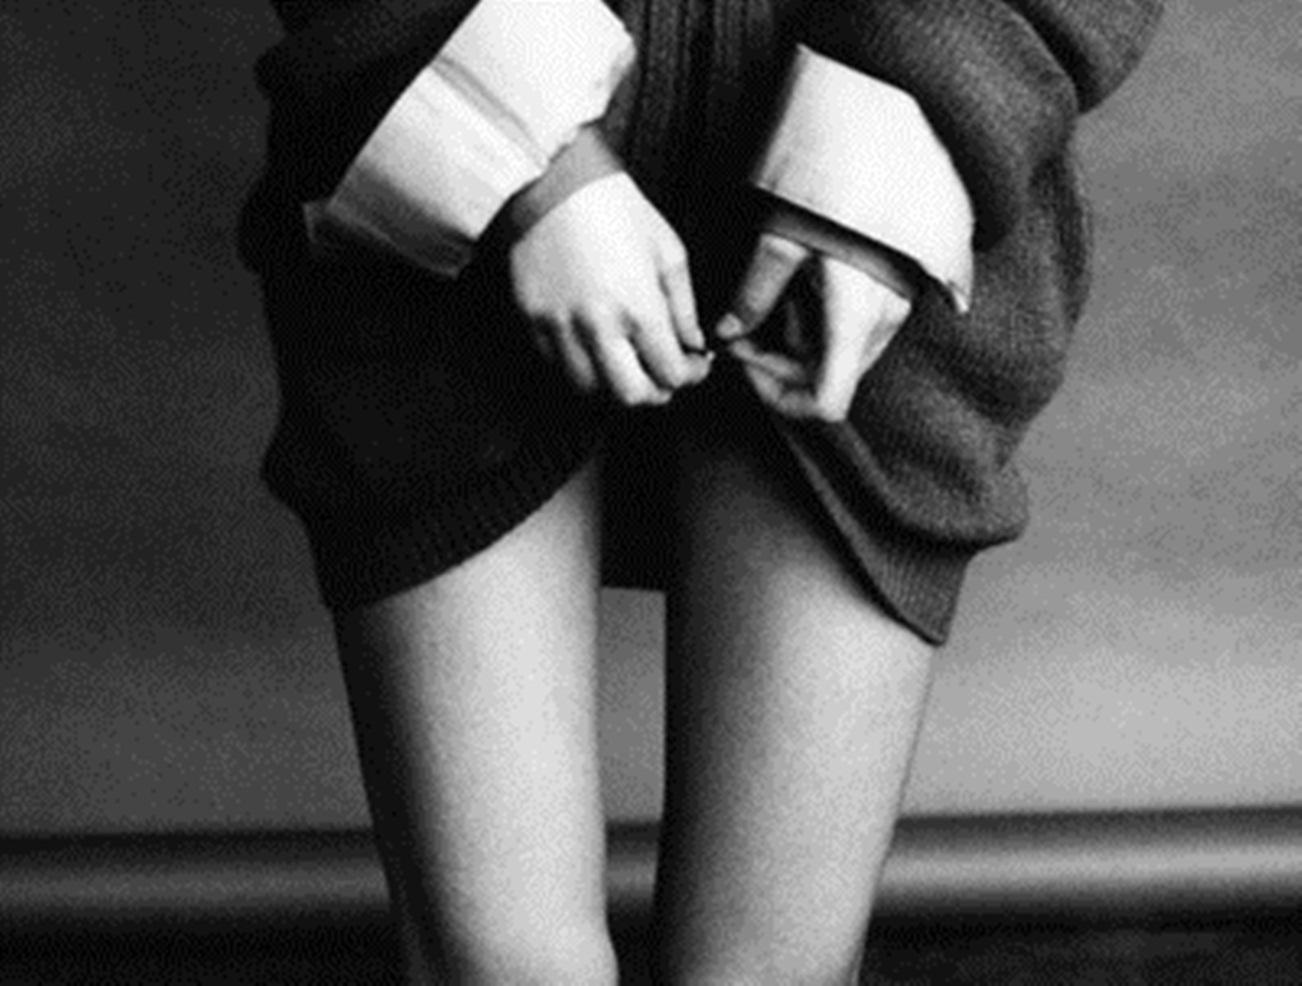 Юная девочка дрочит парню ногами 9 фотография